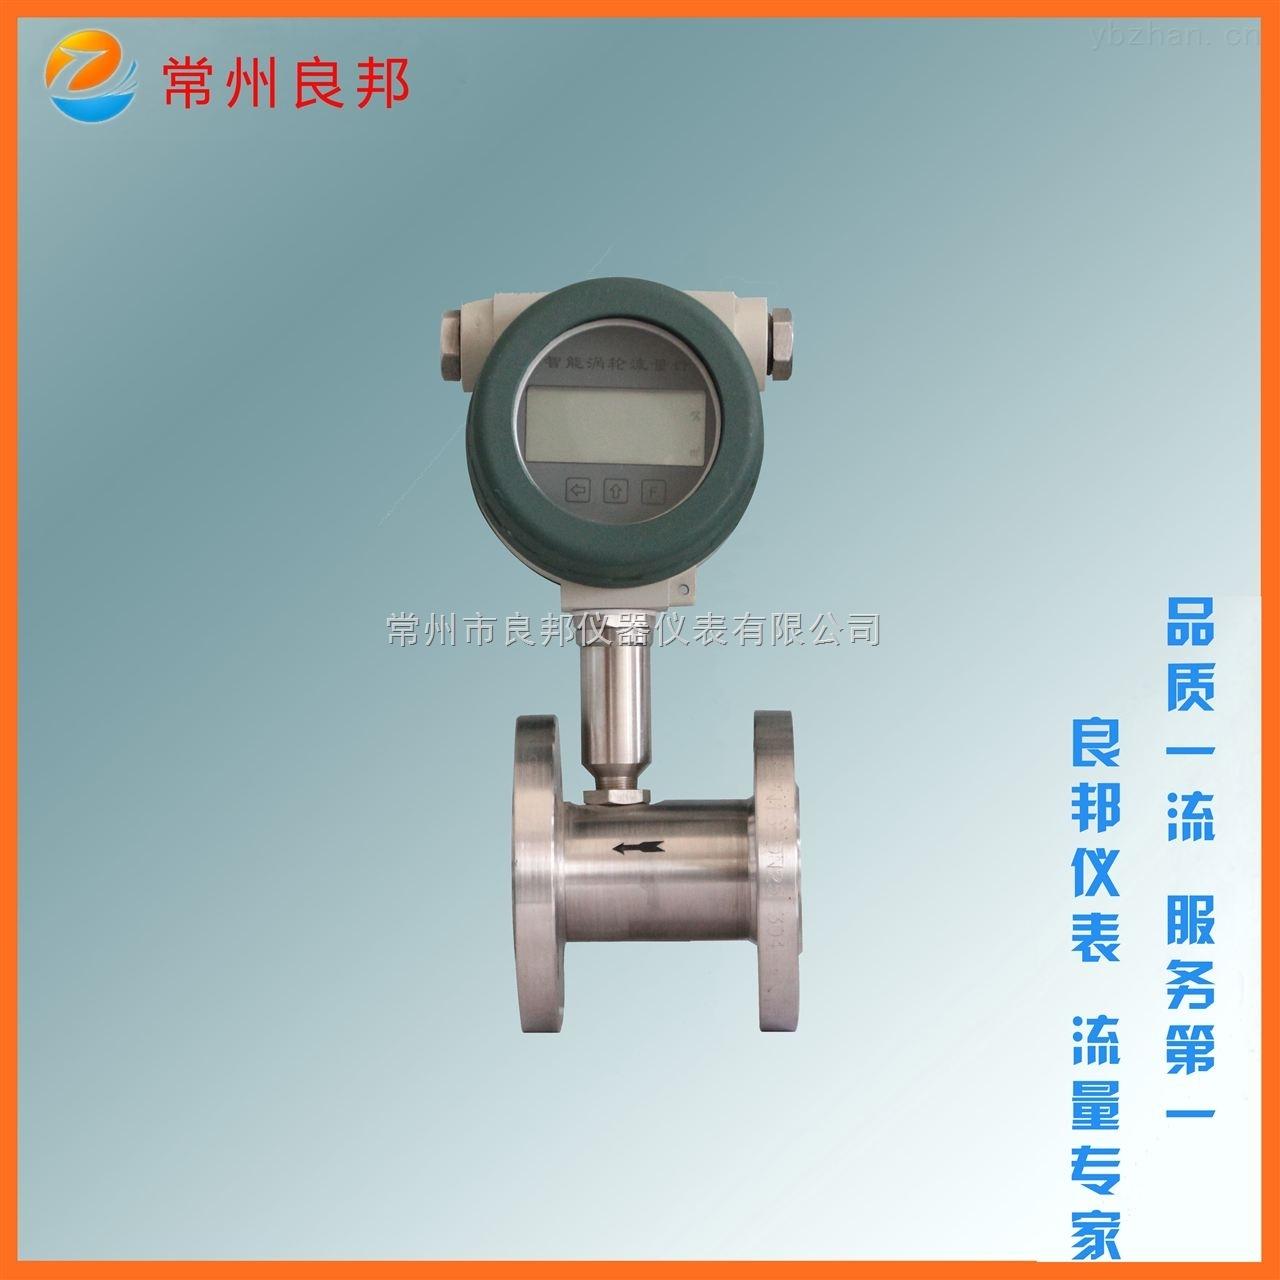 智能型氣體渦輪流量計 LWGB測量準確 液晶顯示累積流量 包郵北京